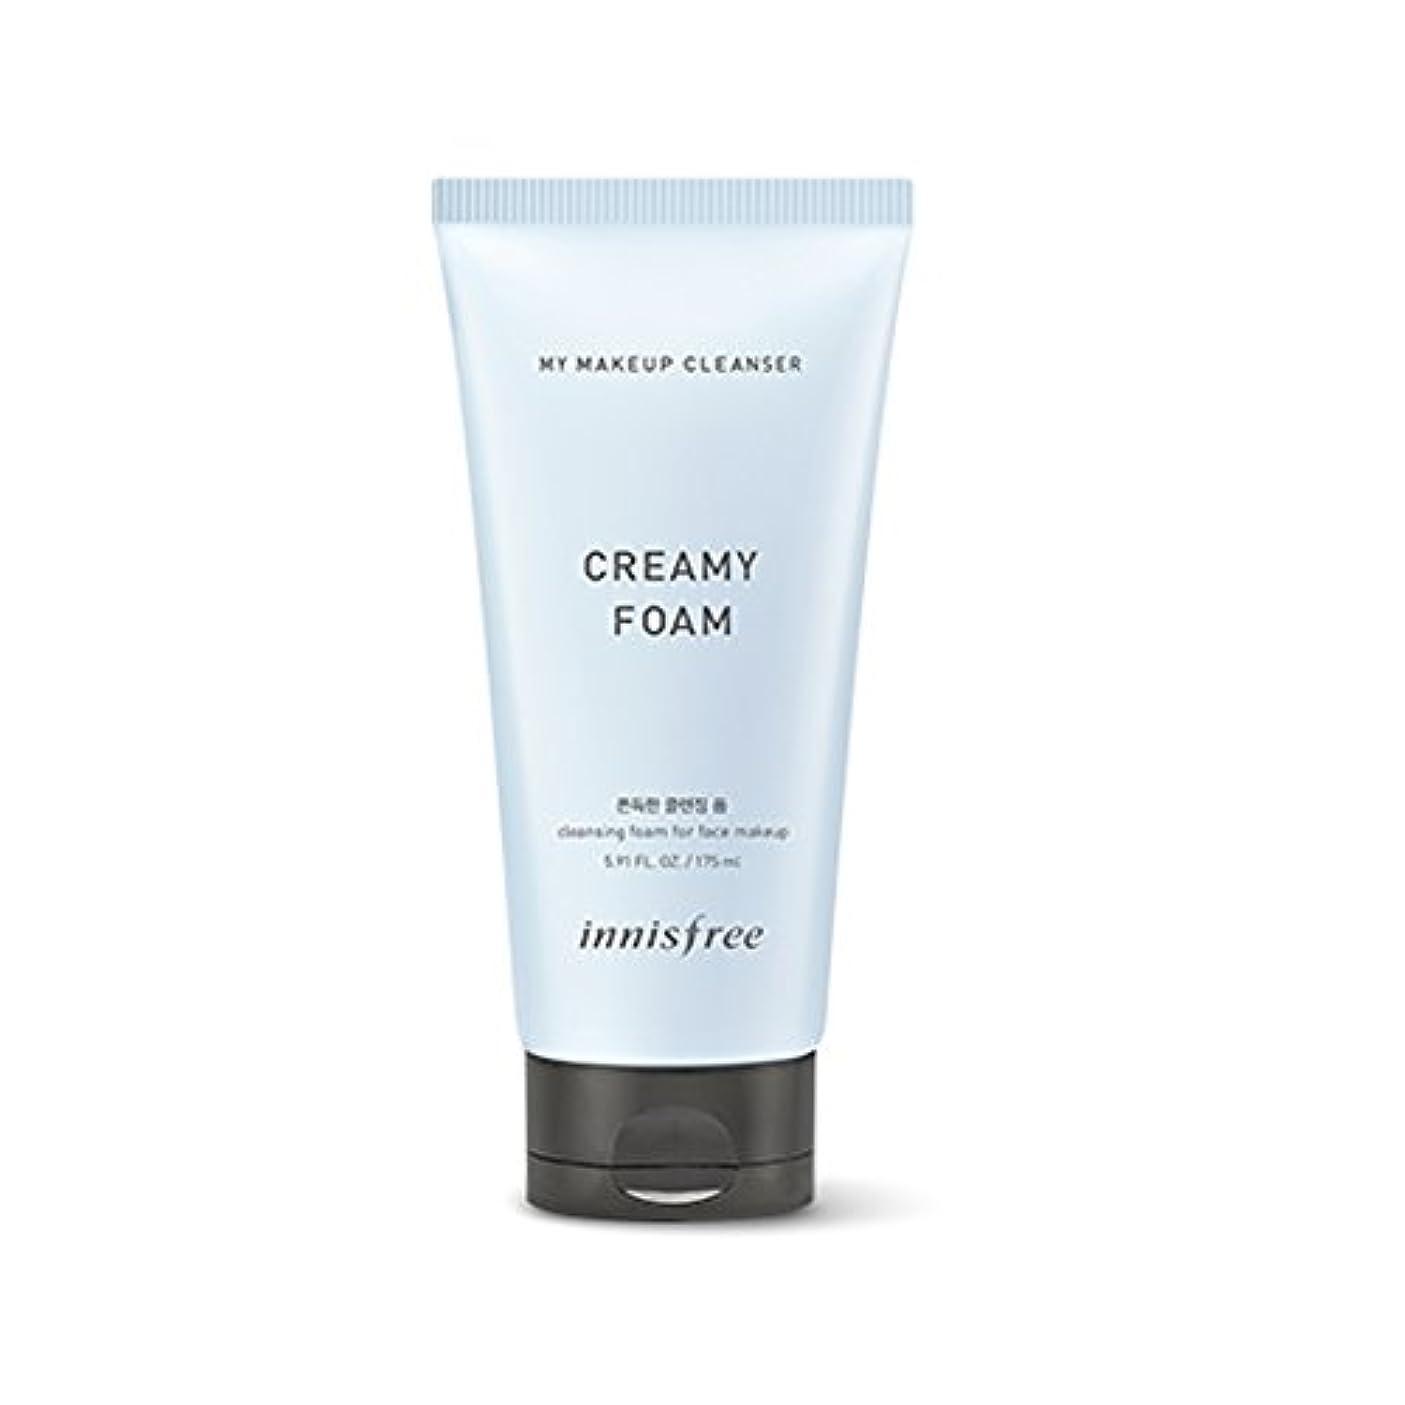 取り消す灌漑予算イニスフリーマイメイクアップクレンザー - クリームフォーム175ml Innisfree My Makeup Cleanser - Creamy Form 175ml [海外直送品][並行輸入品]